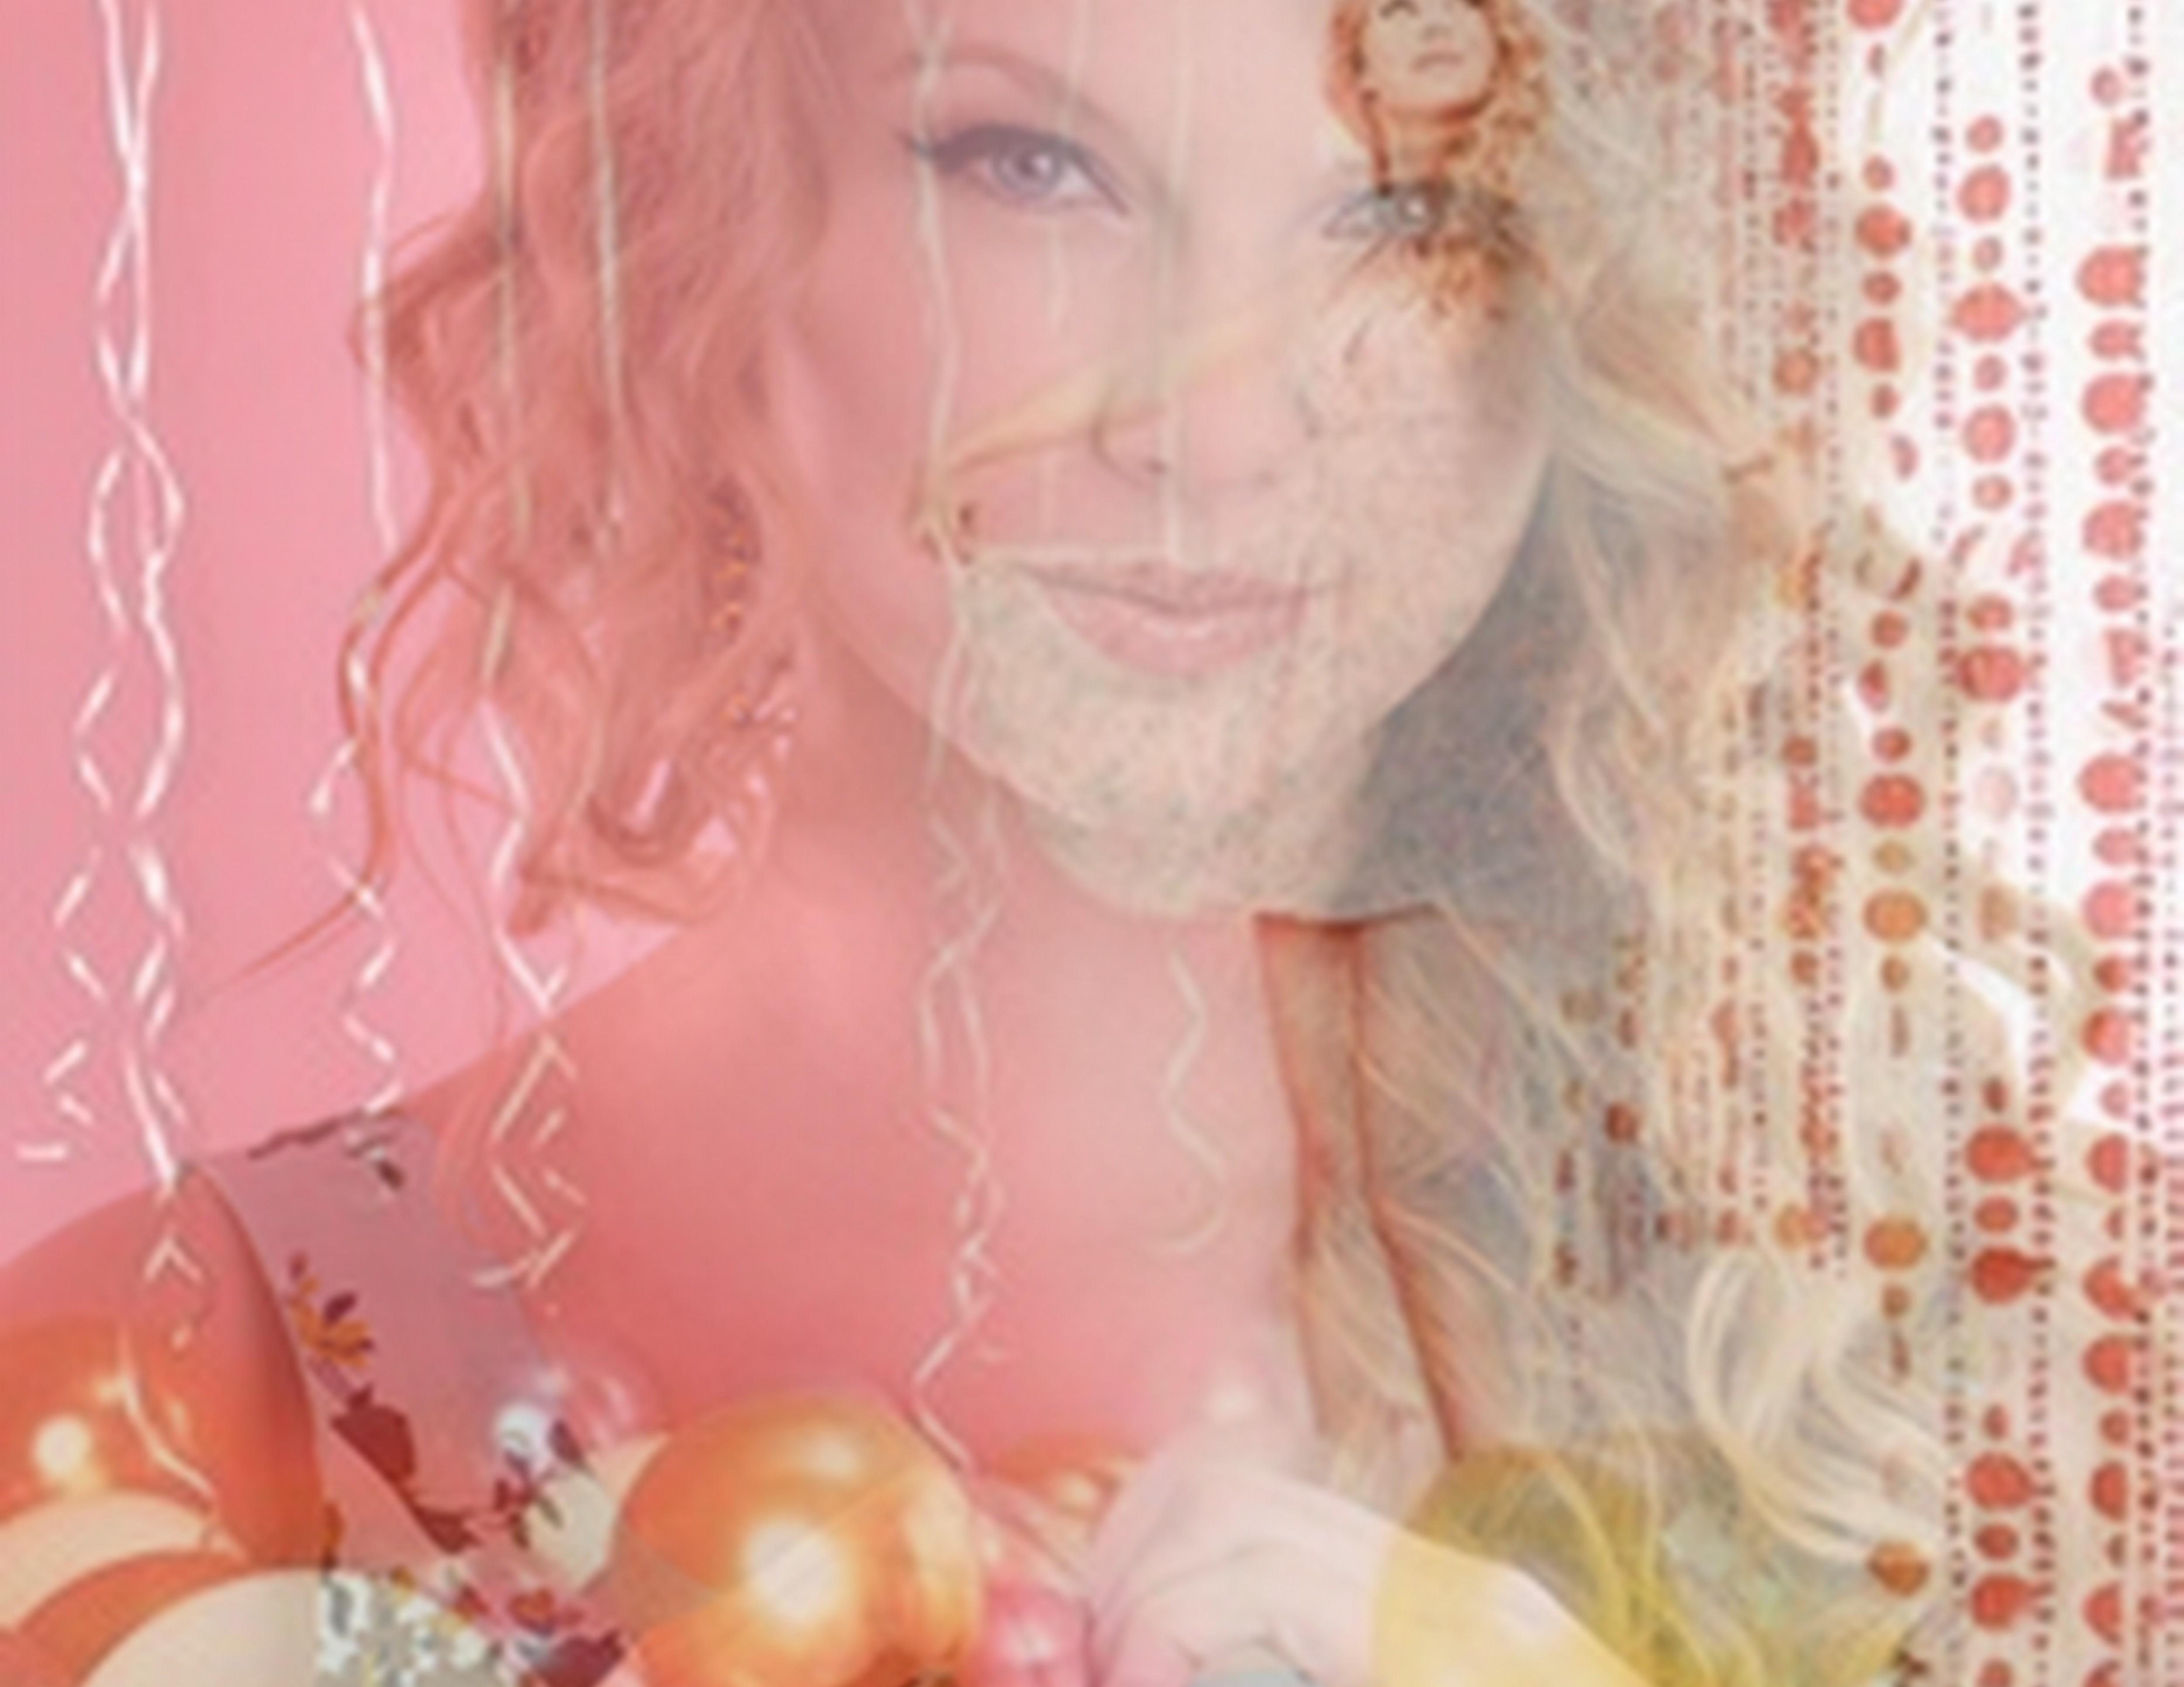 Taylor Swift - Taylor Swift Photo (34881779) - Fanpop